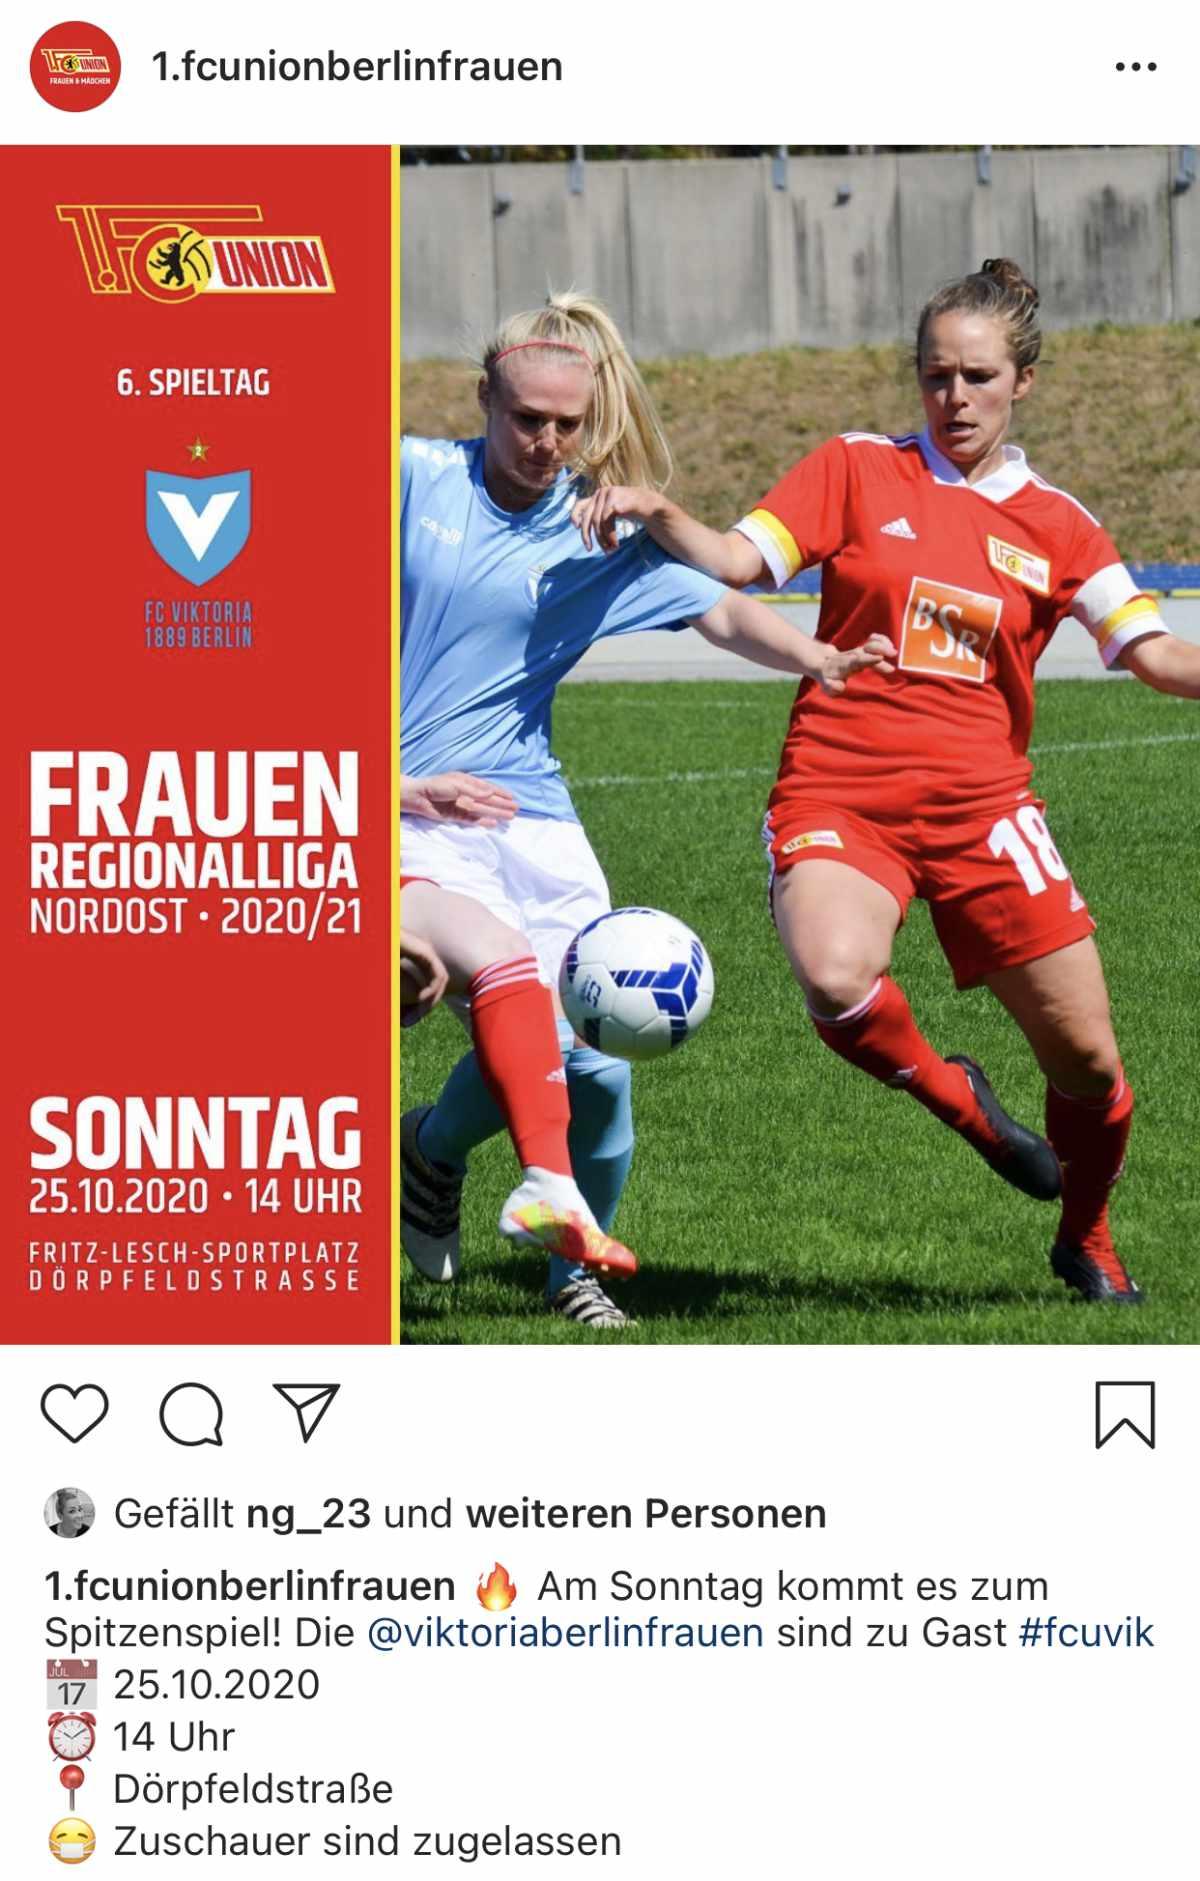 Spielankündigung für das Spitzenspiel gegen Viktoria, Instagram: 1. FC Union Berlin Frauen